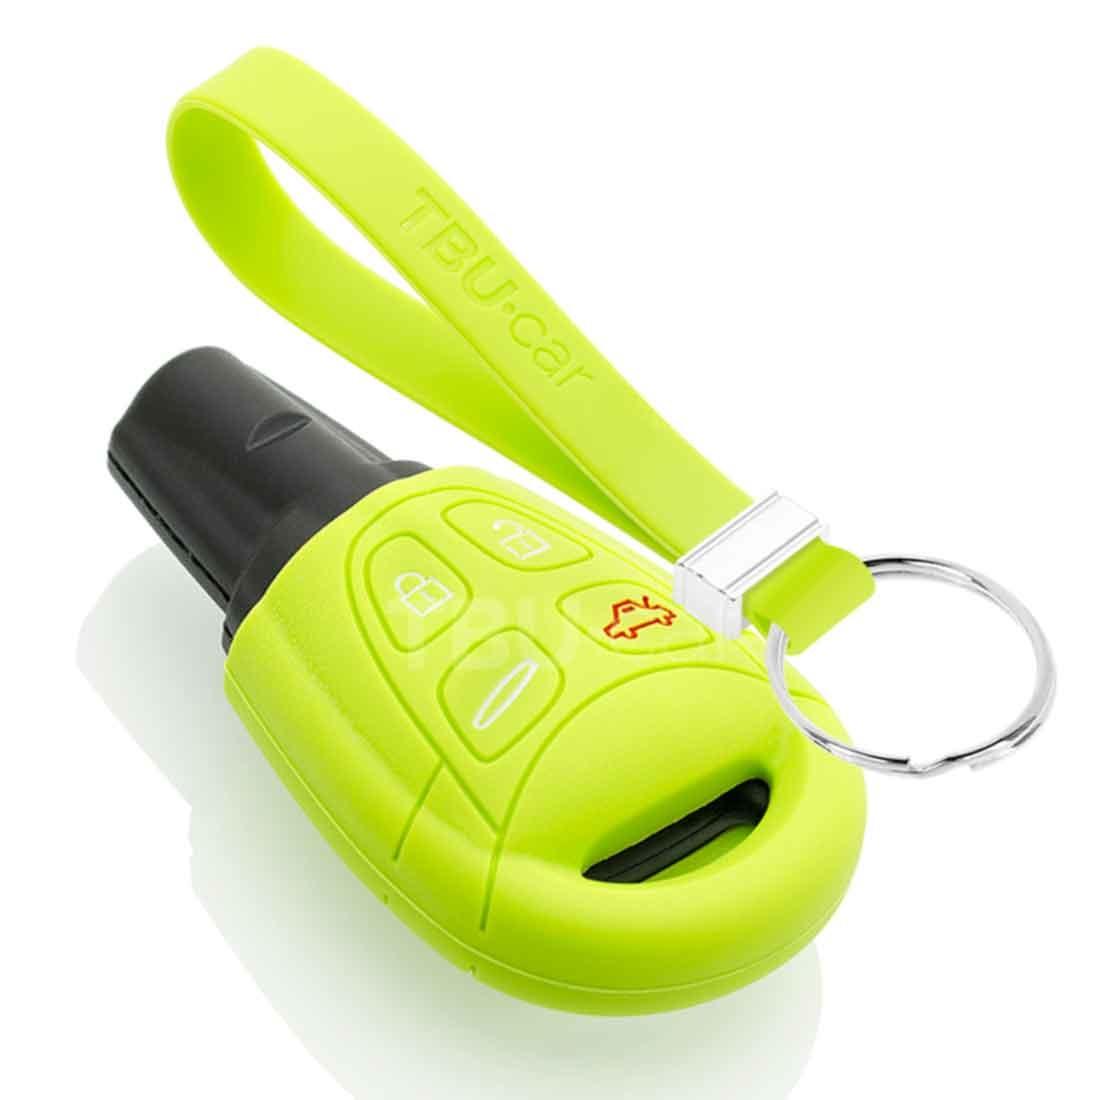 TBU car TBU car Sleutel cover compatibel met Saab - Silicone sleutelhoesje - beschermhoesje autosleutel - Lime groen